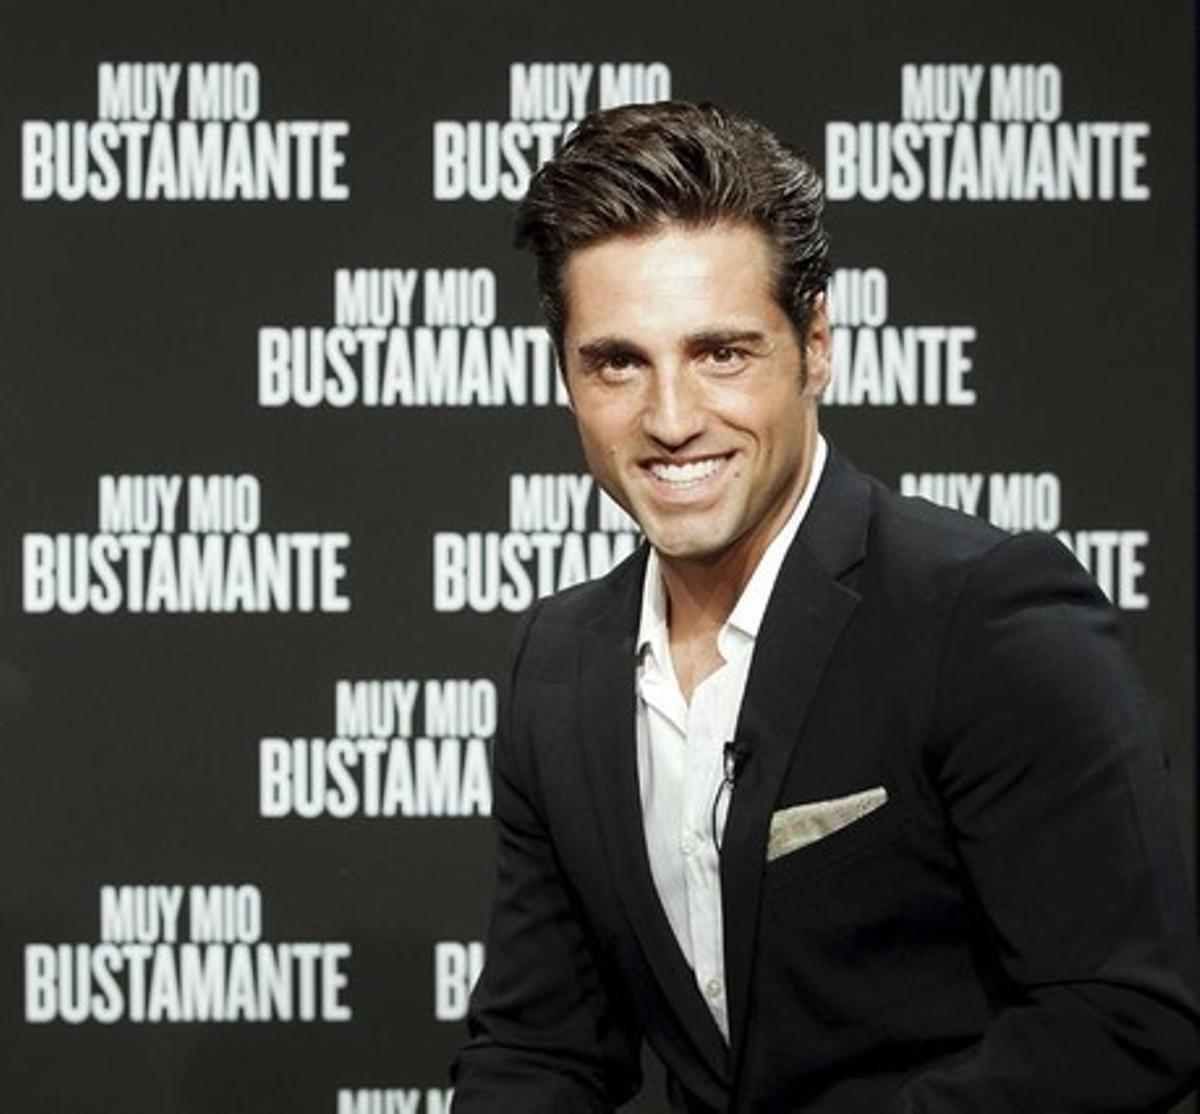 David Bustamante, en una imagen promocional.